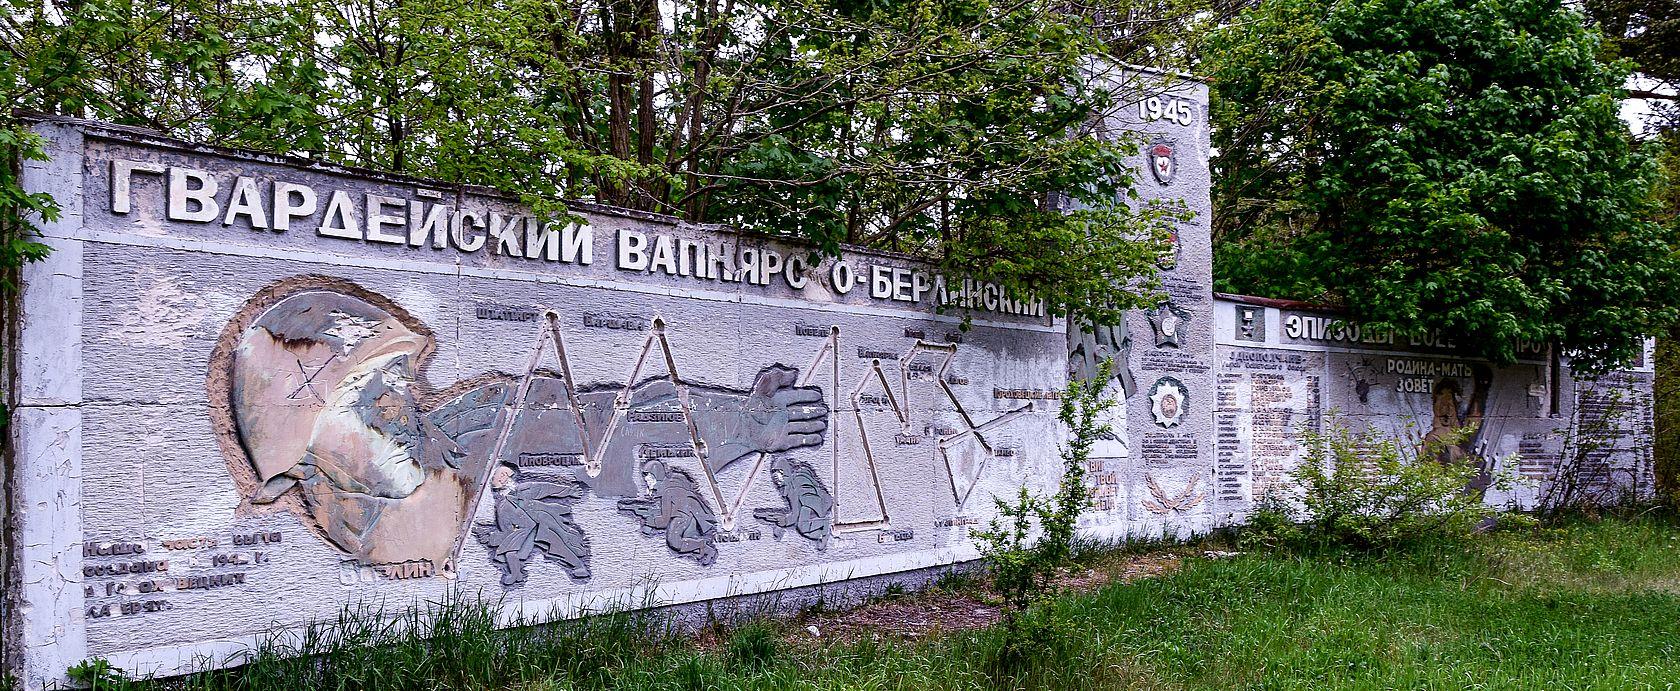 Die Gedenkmauer der Russen